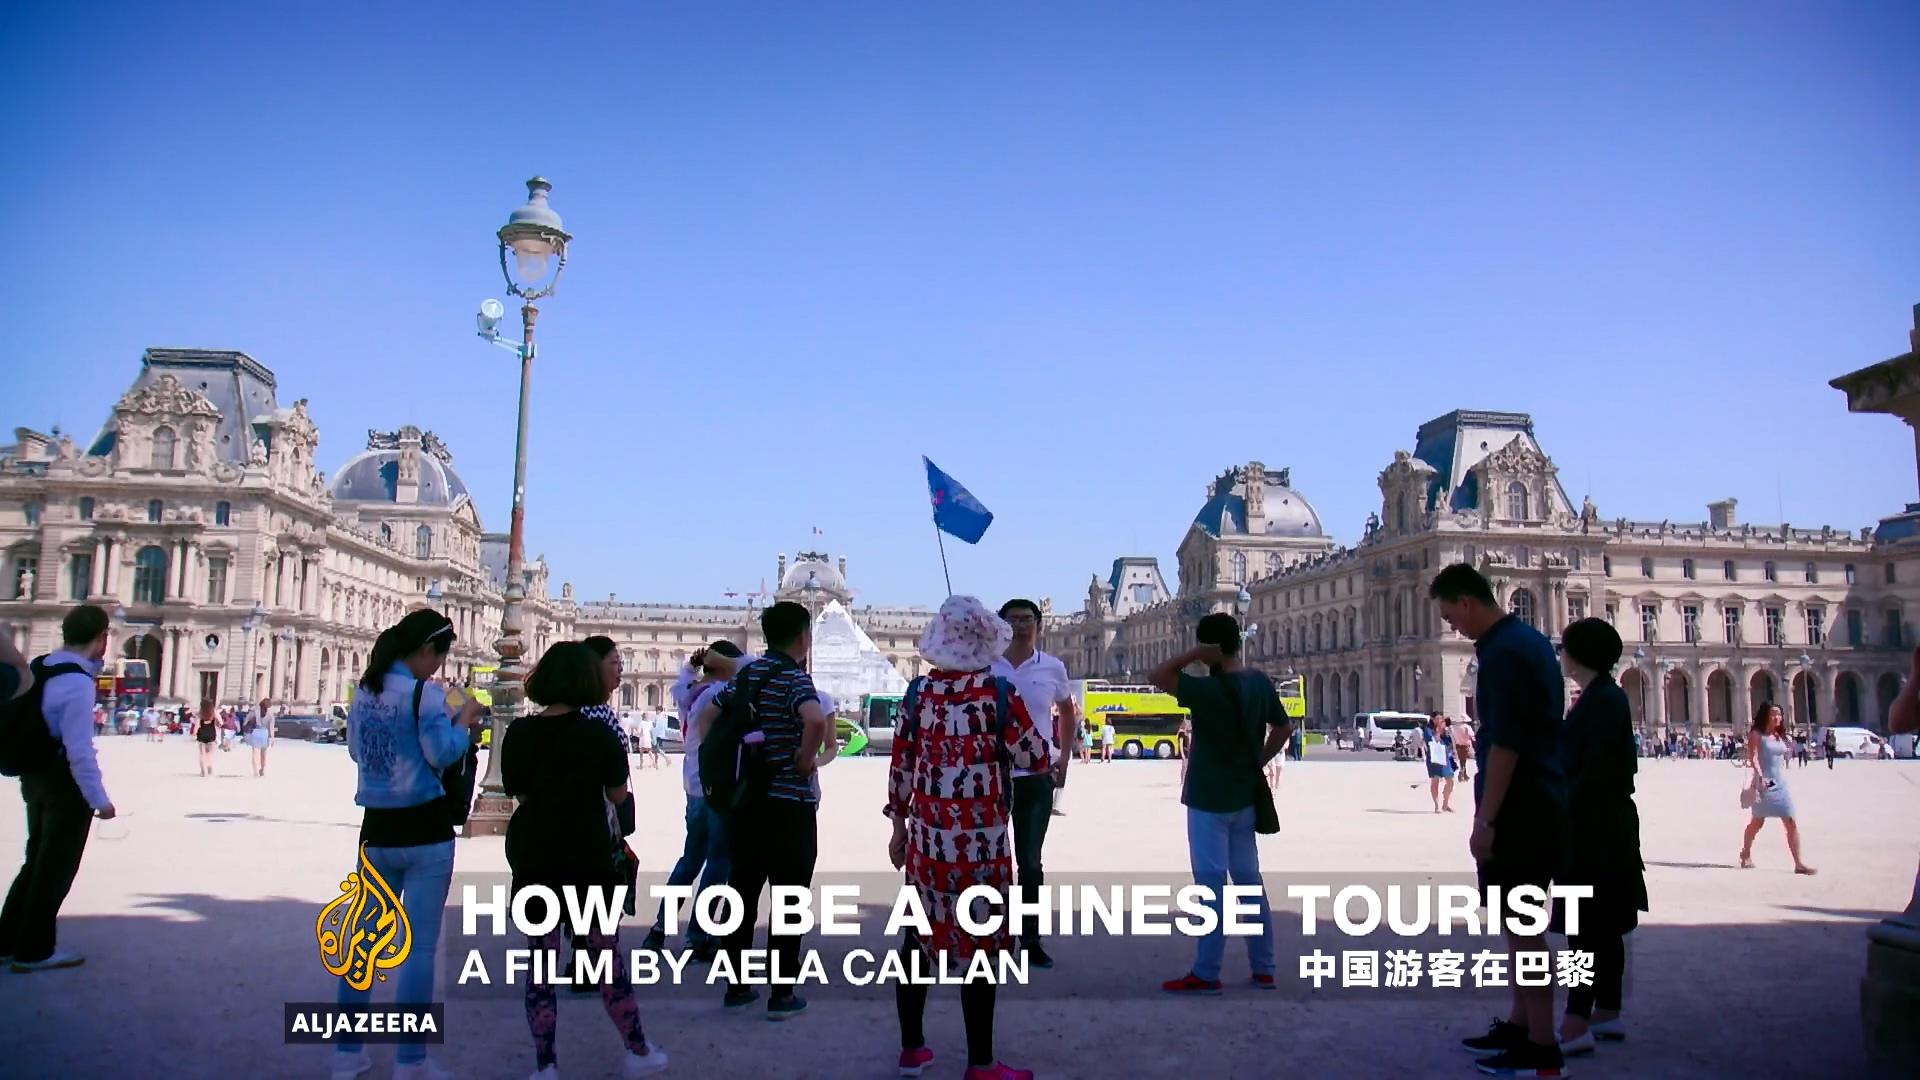 【纪录片】中国游客在巴黎【双语特效字幕】【纪录片之家字幕组】